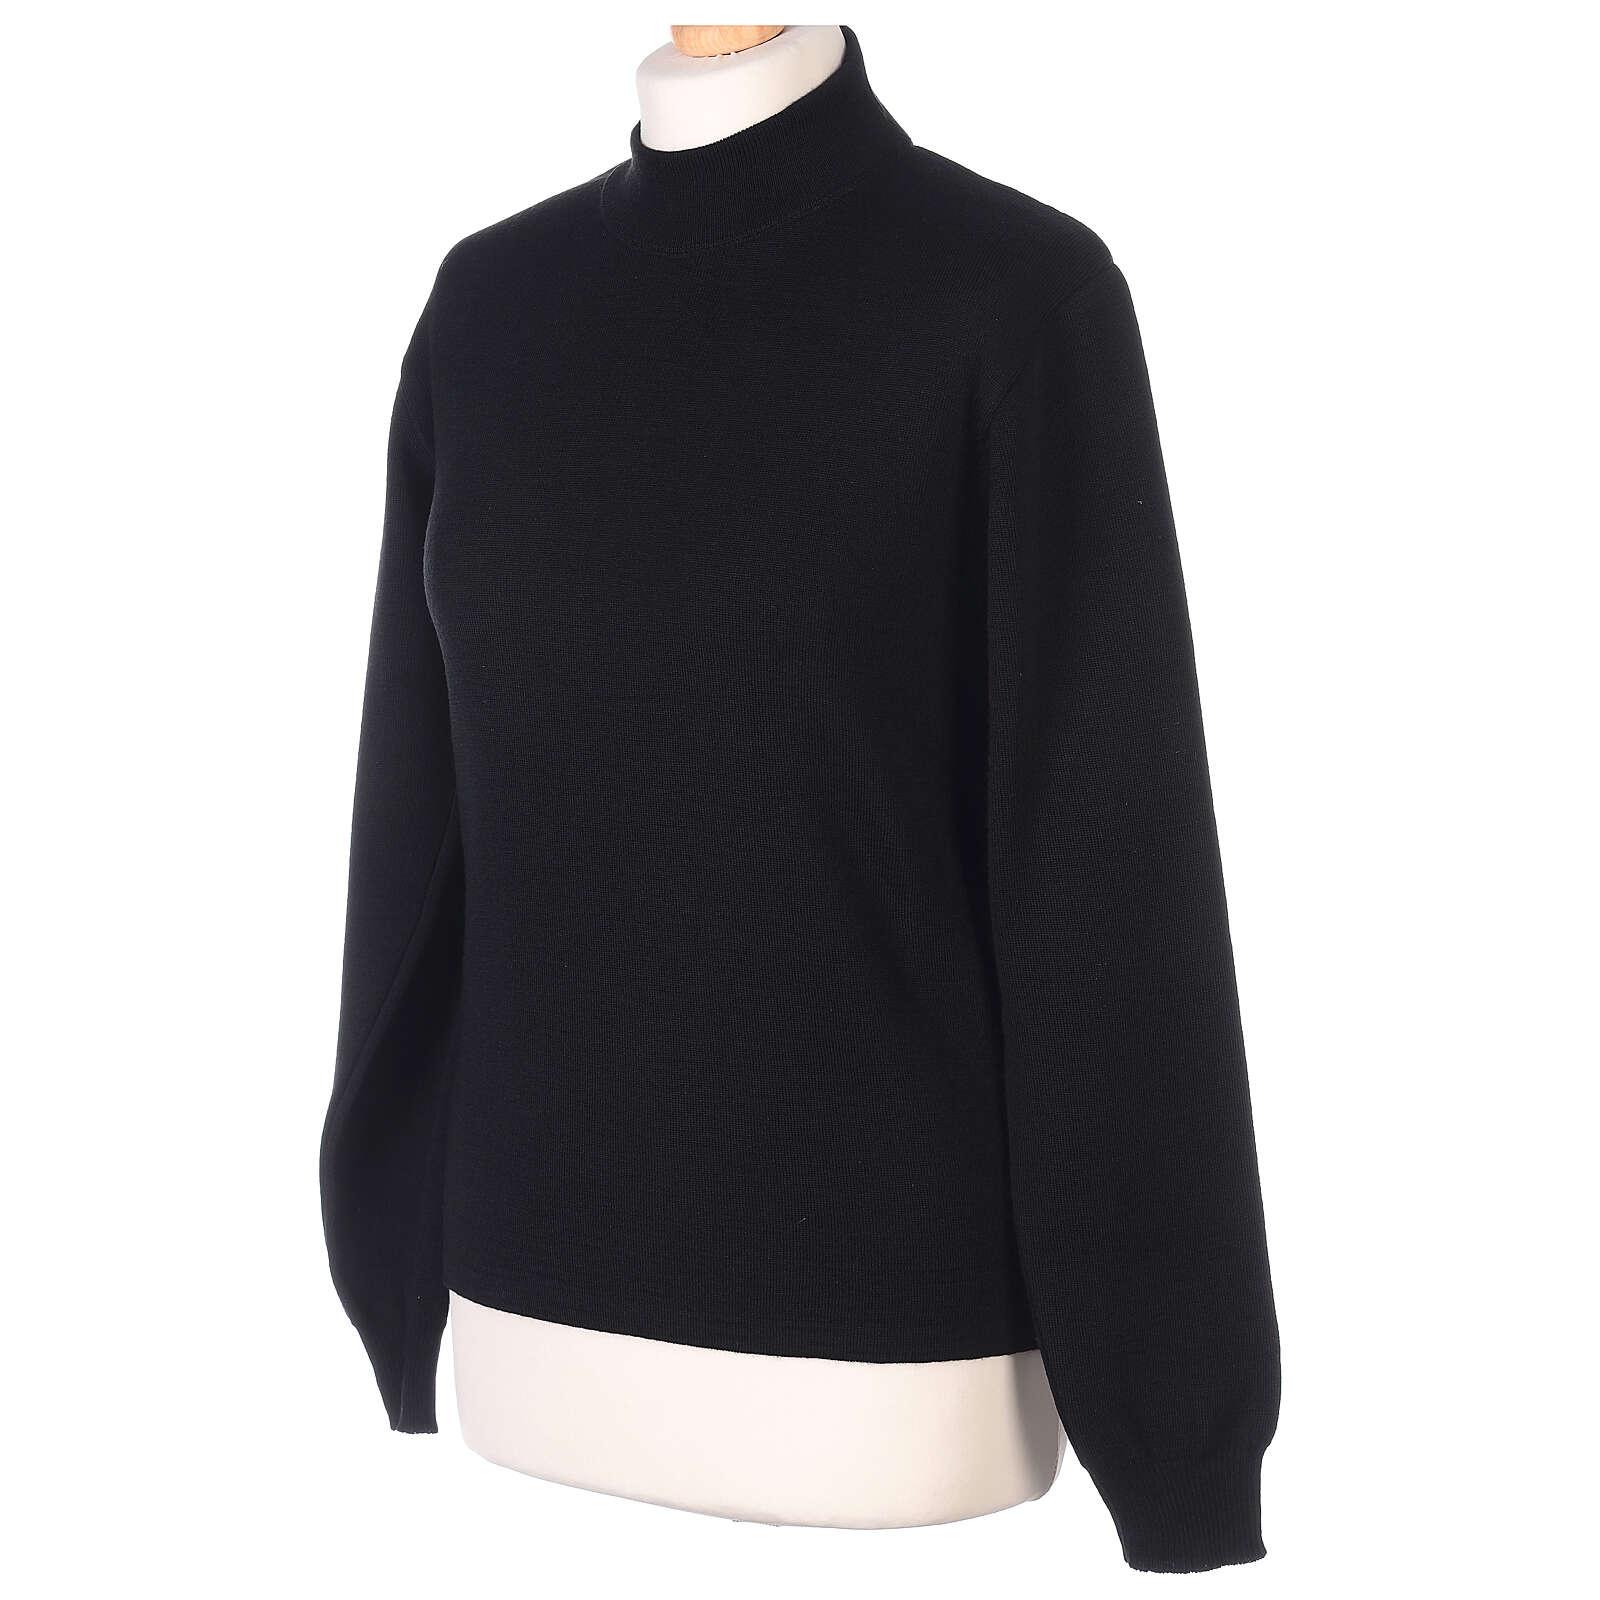 Lupetto nero suora lavorazione maglia unita 50% lana merino 50% acrilico In Primis 4